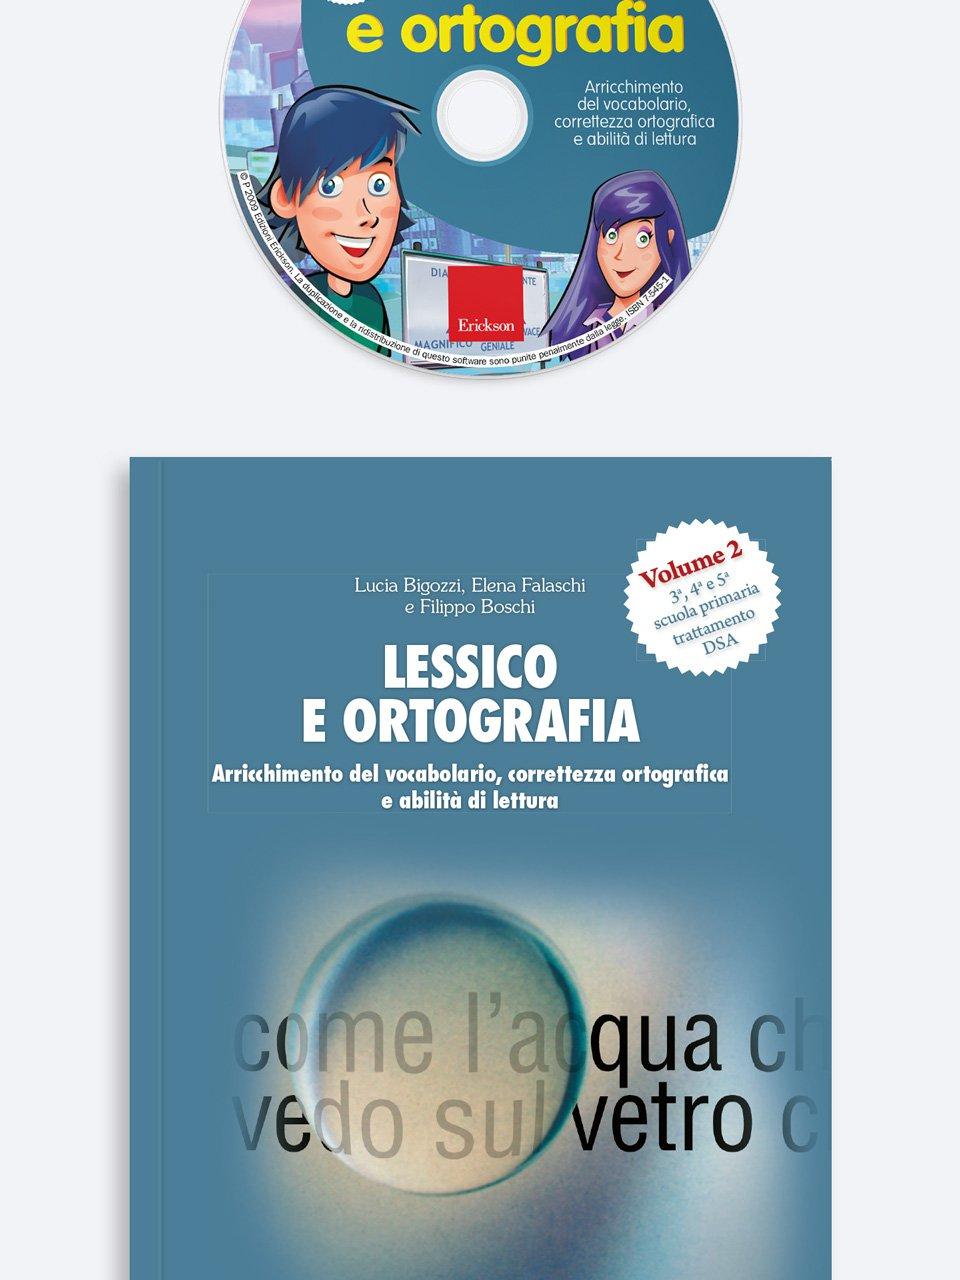 Lessico e ortografia - Volume 2 - Tablet delle regole di Italiano - Libri - Erickson